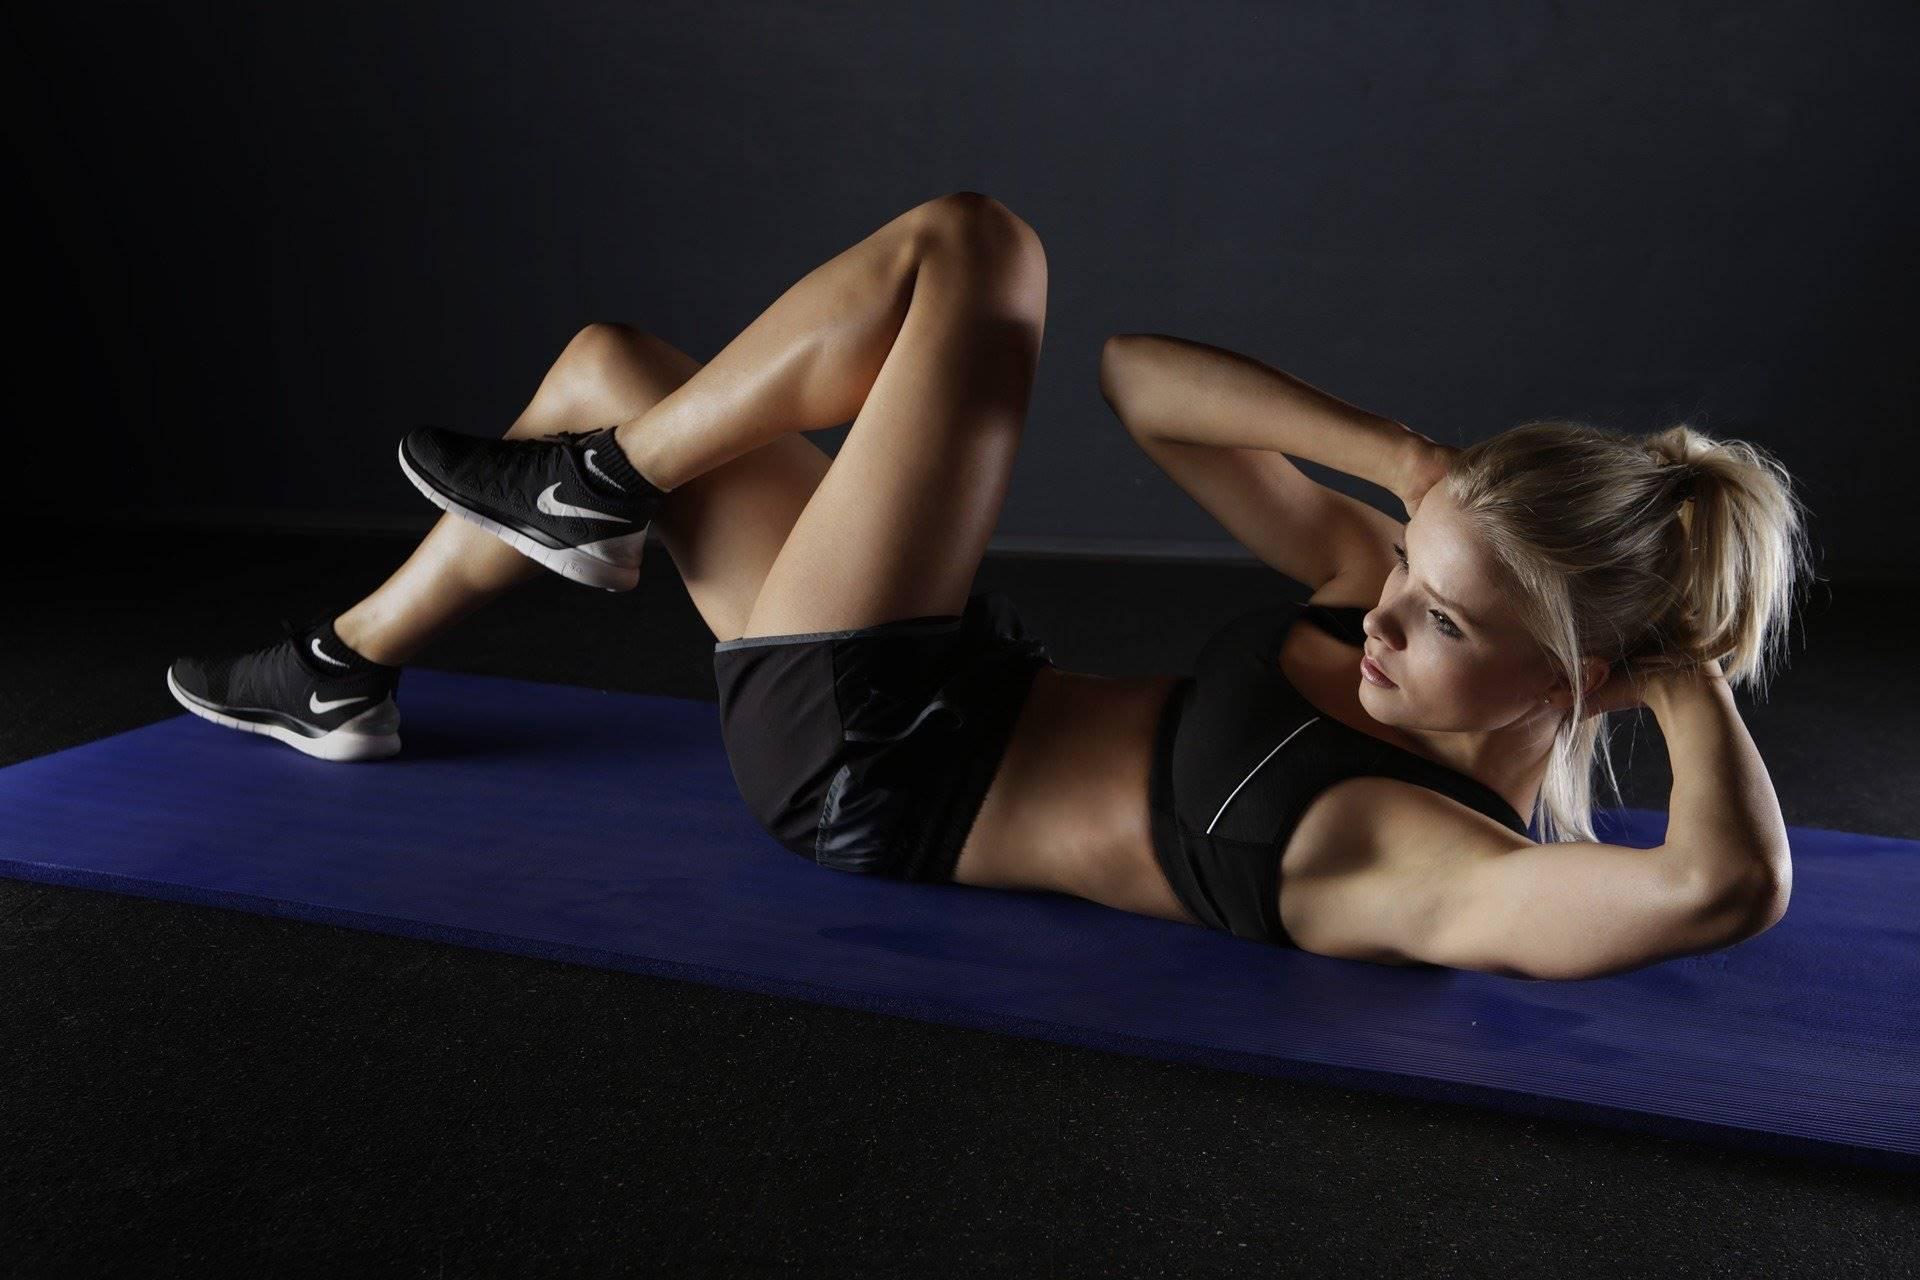 allenarsi tutti i giorni fa bene?